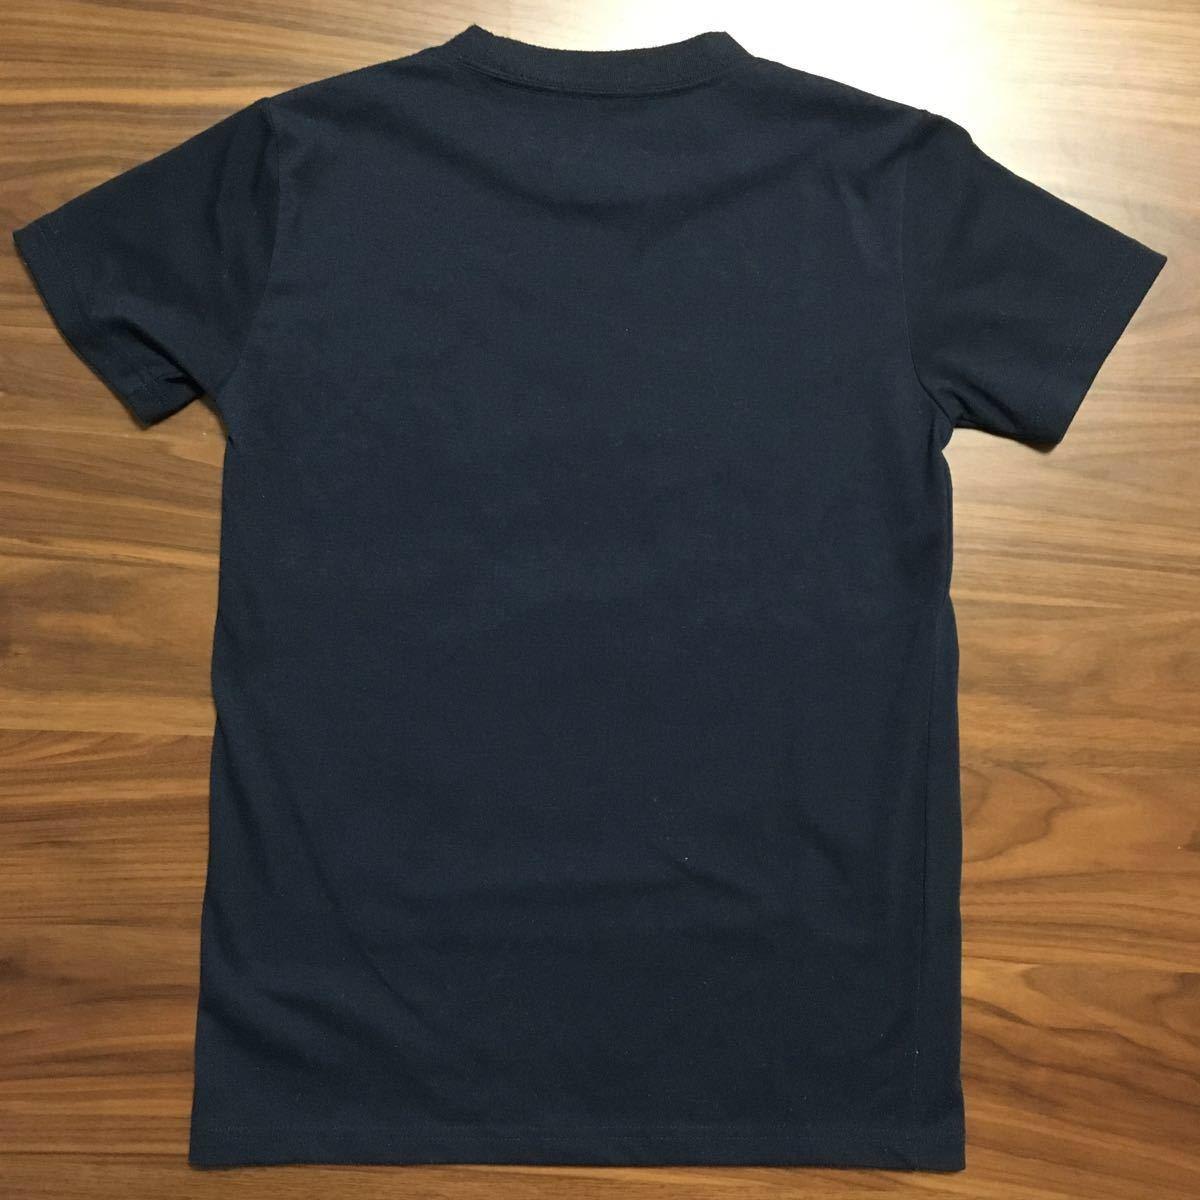 スノーピーク Snow peak Tシャツ レディース size:S